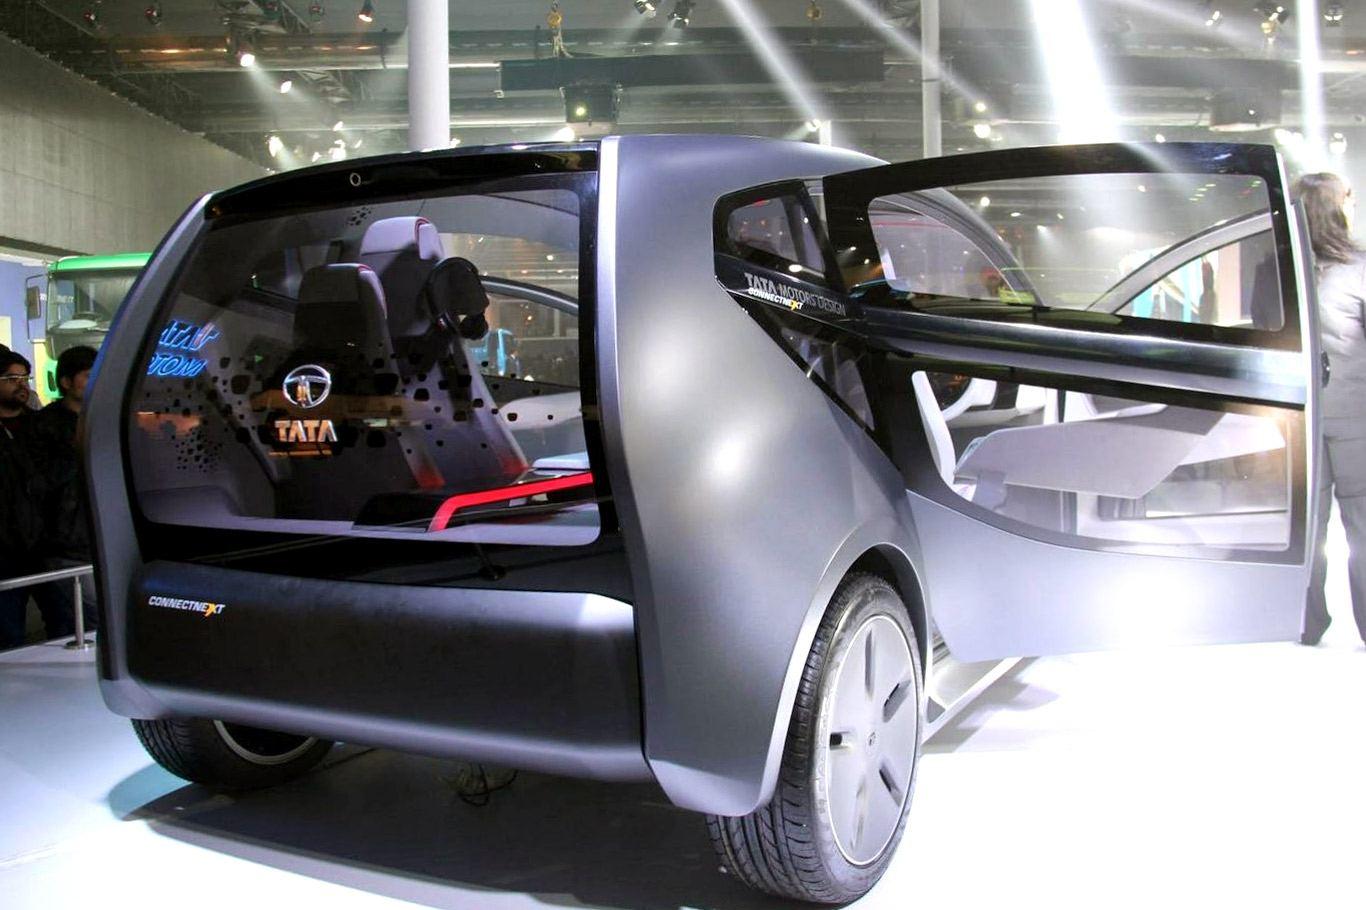 tata_future_car_indian_delhi_2015